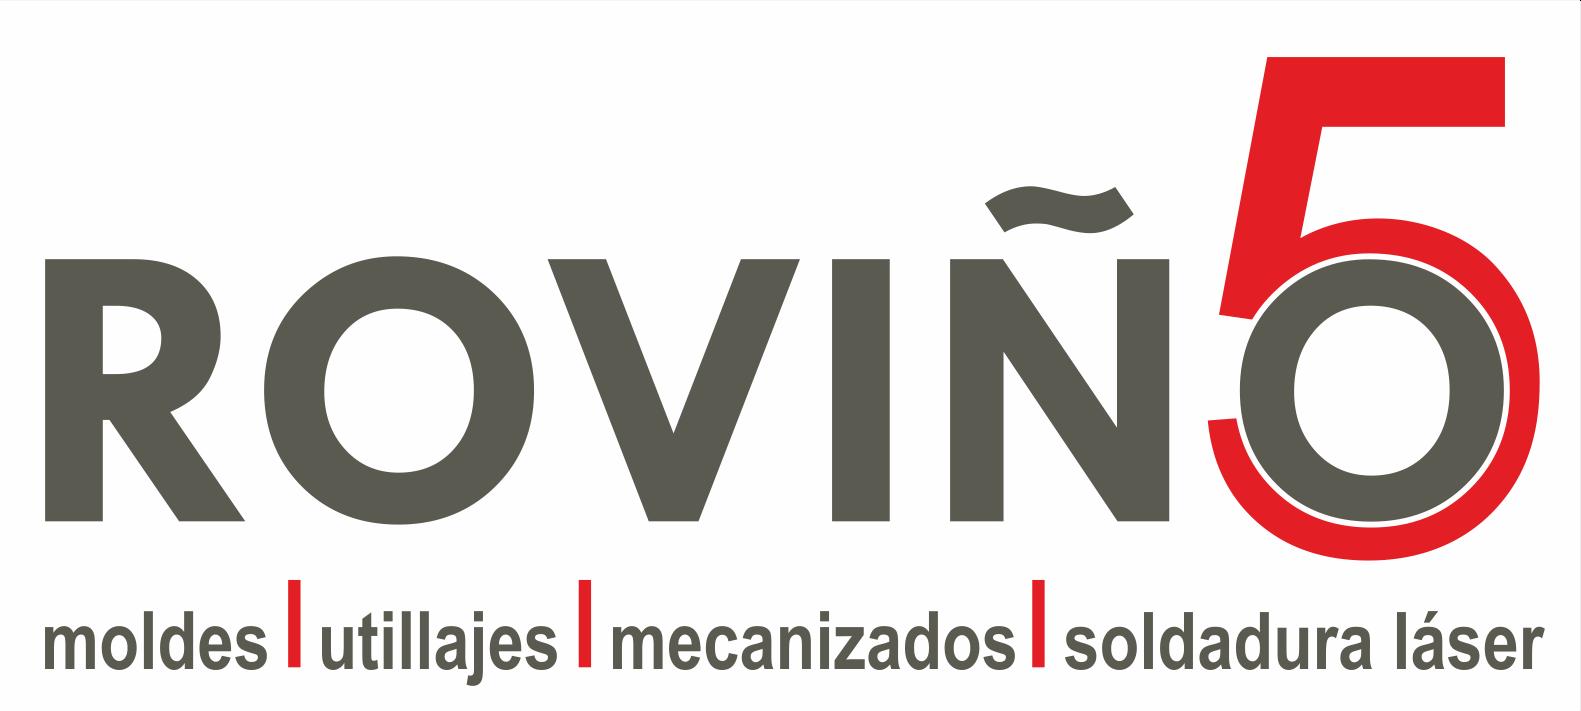 Roviño5